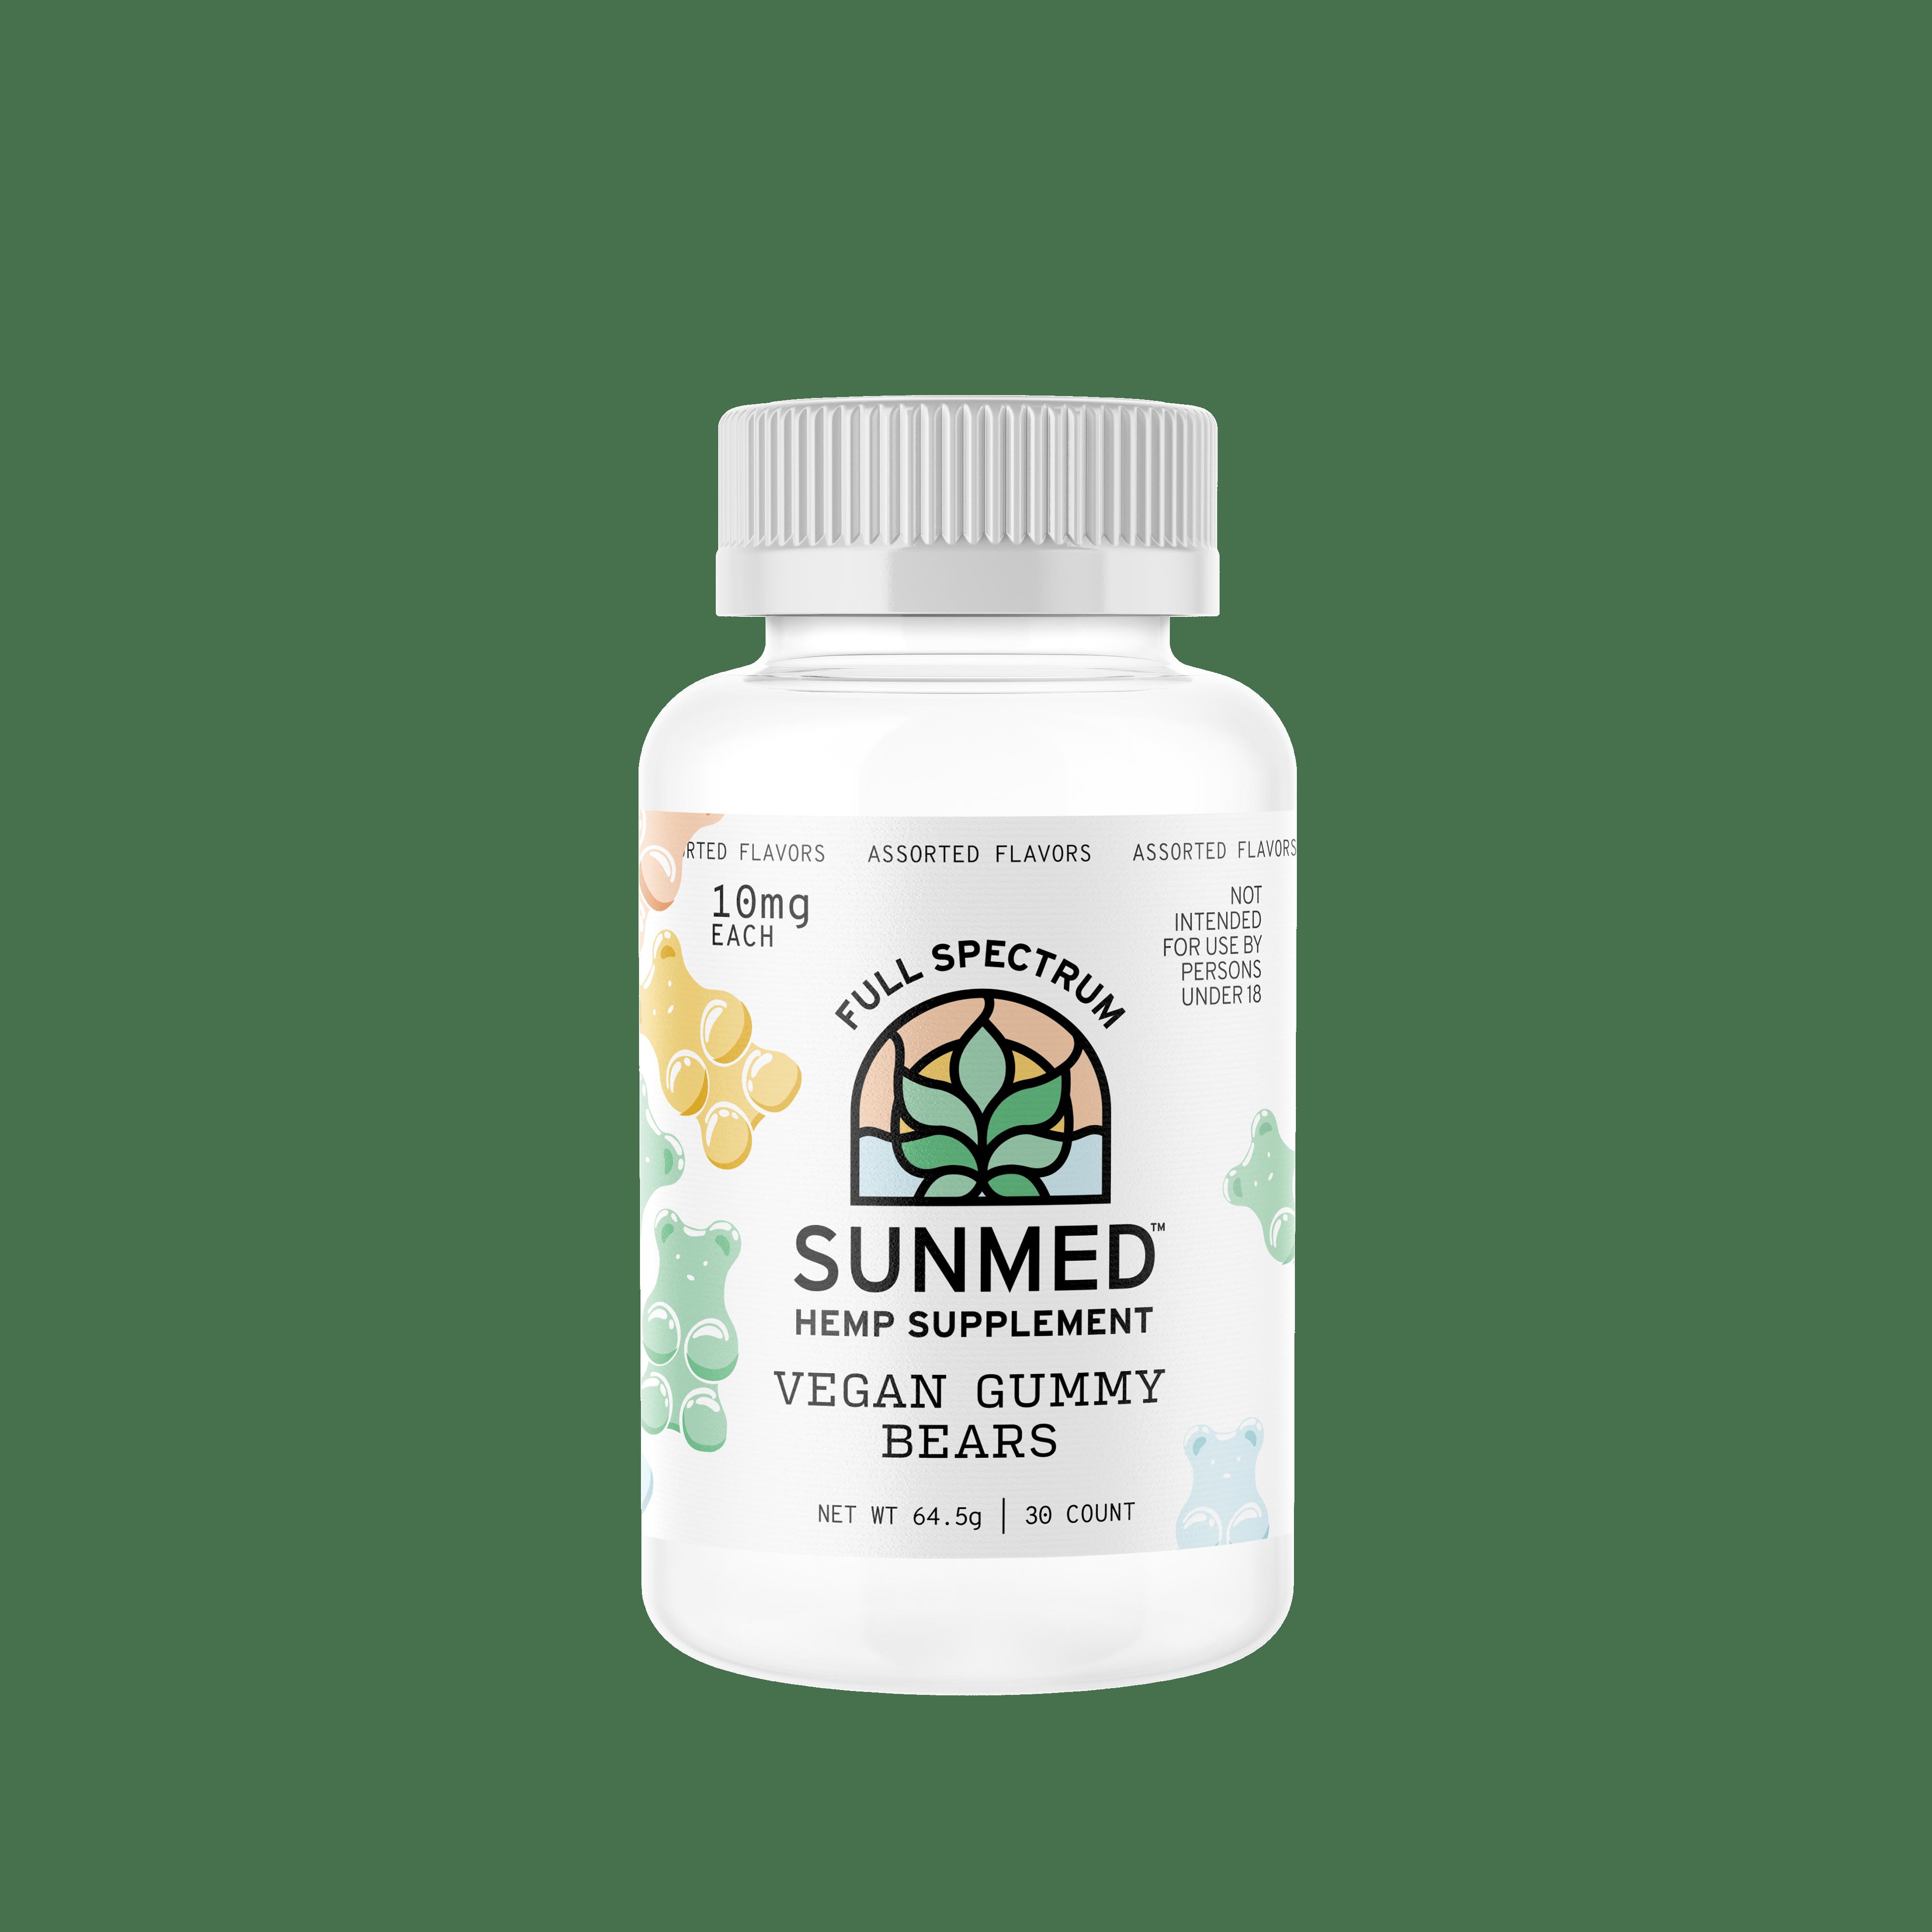 sunmed vegan gummy bears Buy Best Sunmed CBD Store Oil Fort Worth full spectrum vegan gummy bears